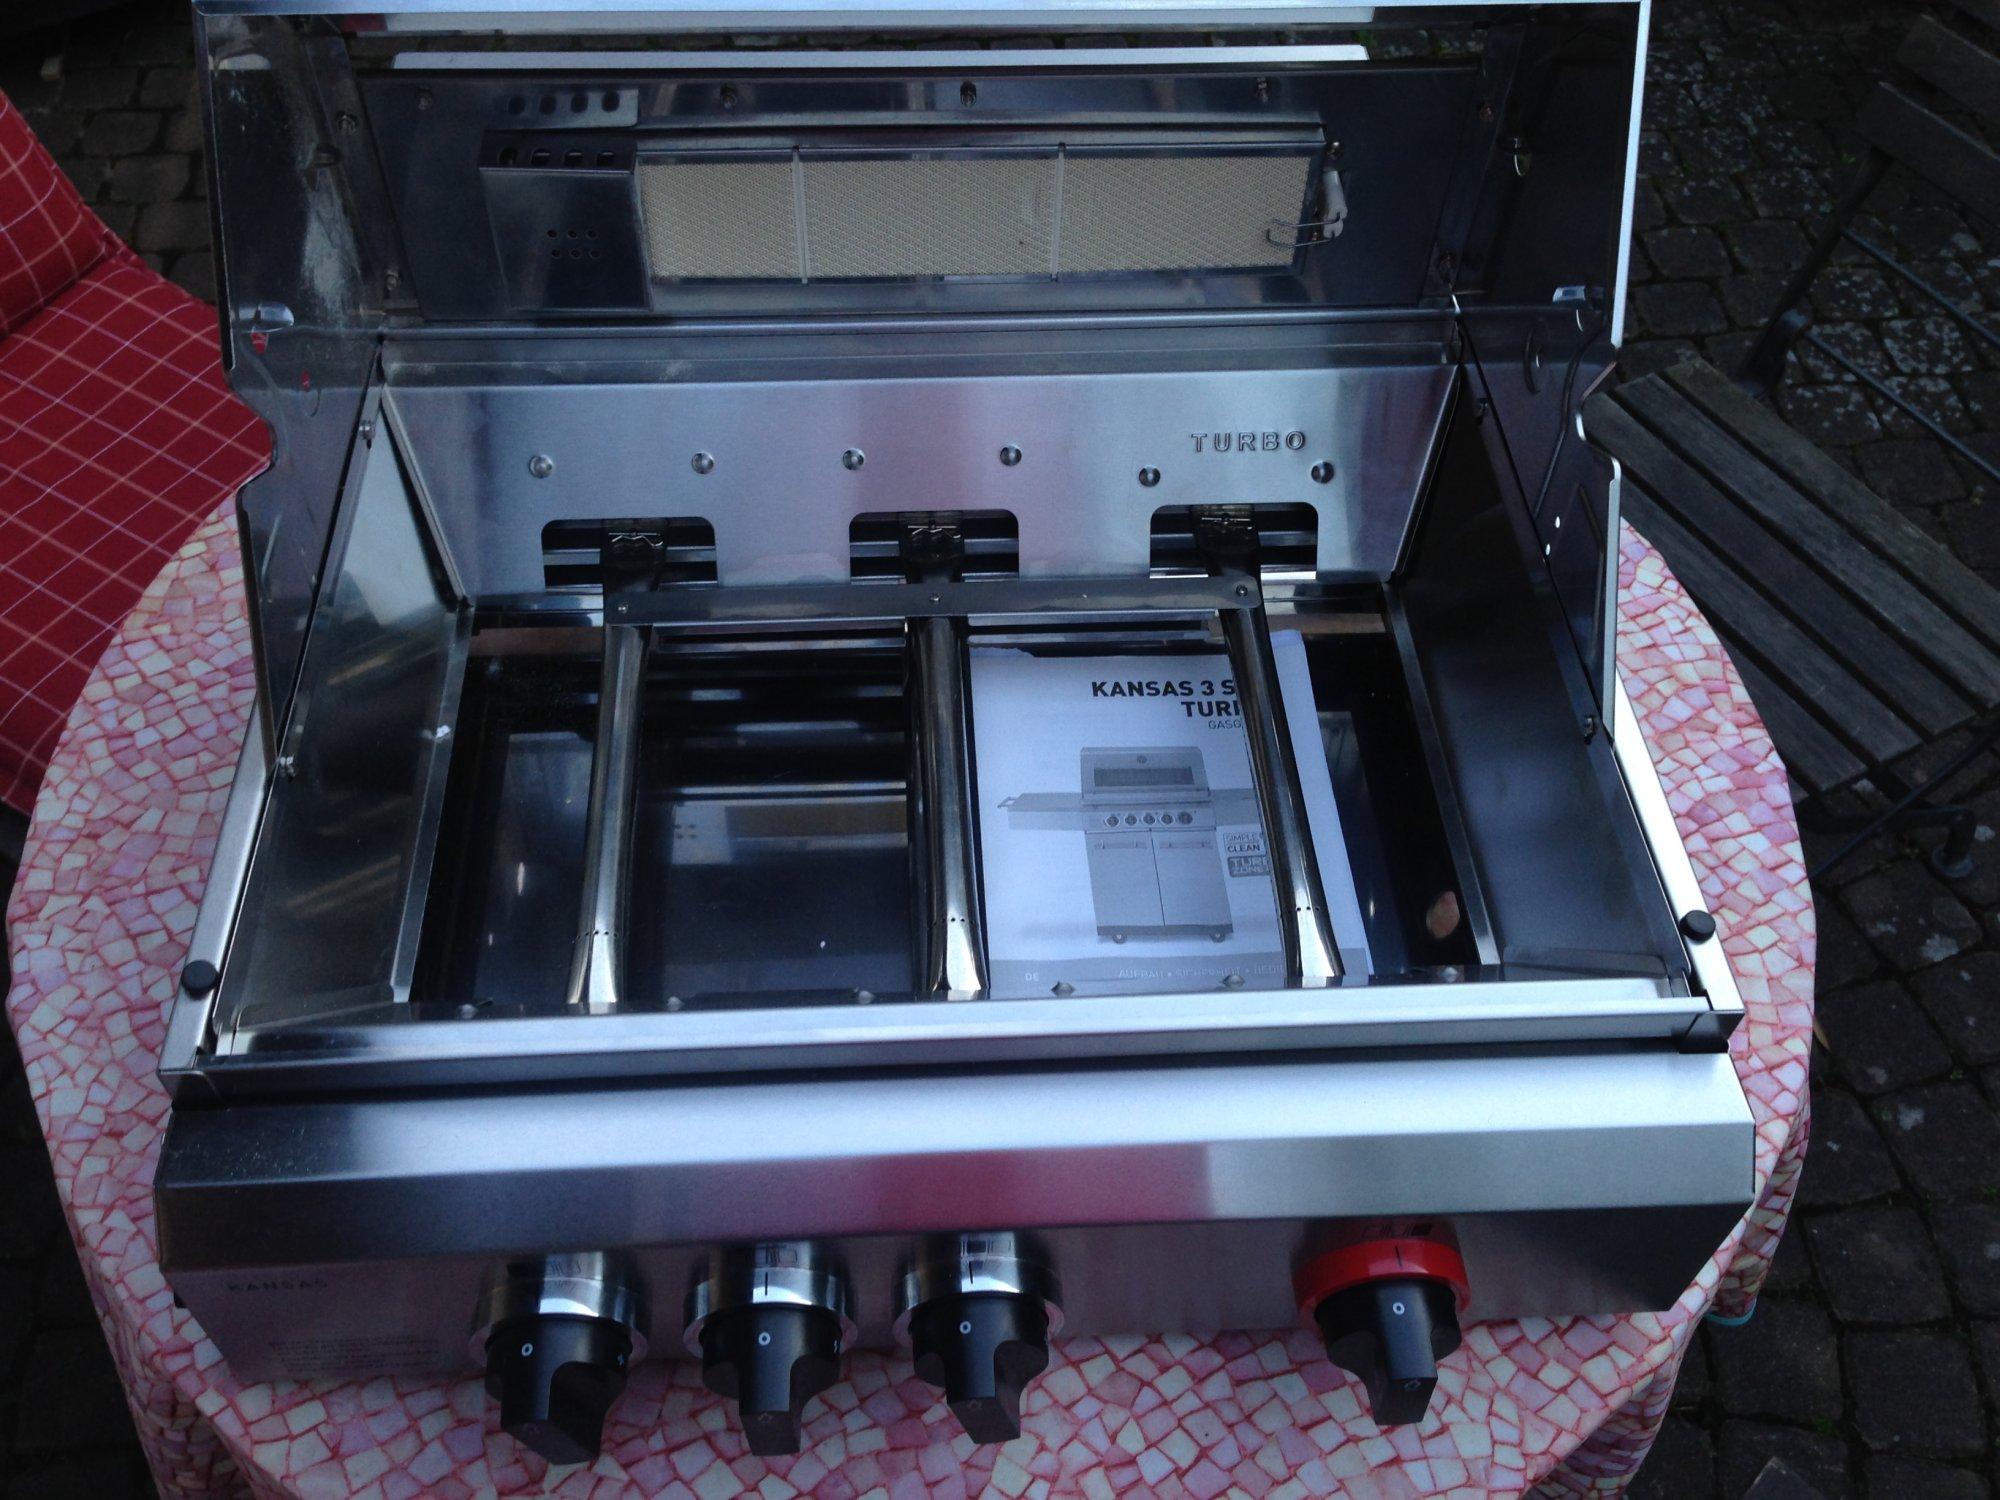 Outdoorküche Gas Ideal : Verkaufe enders kansas neu ideal für outdoorküche